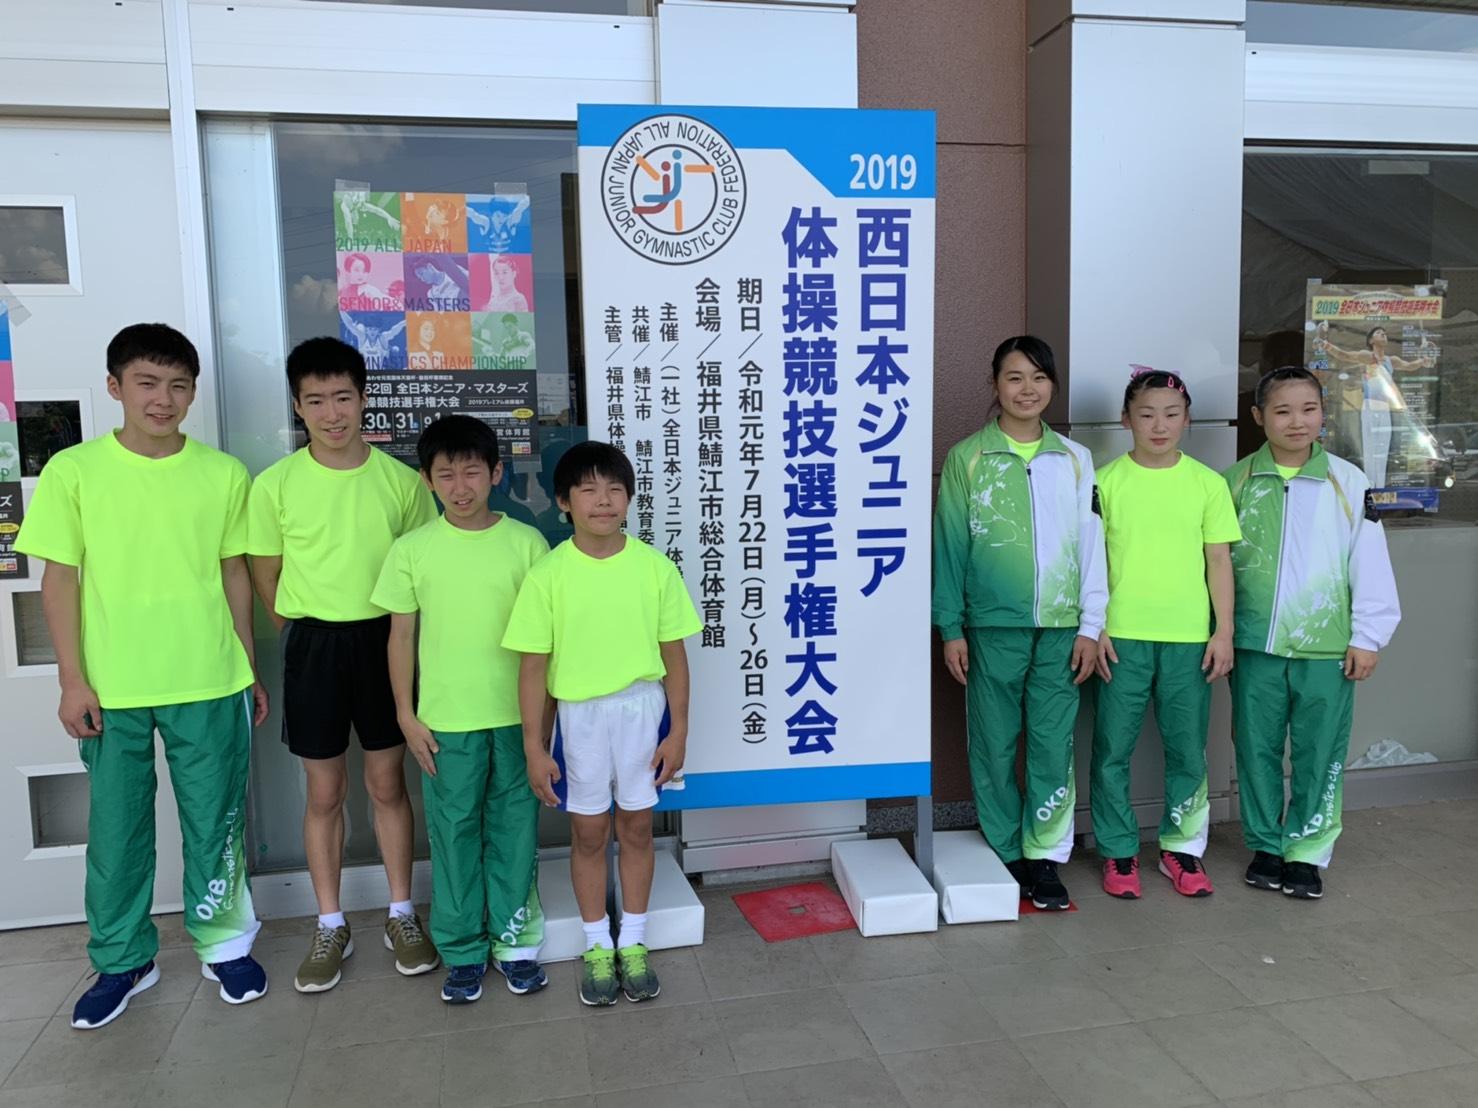 全日本 ジュニア 体操 2019